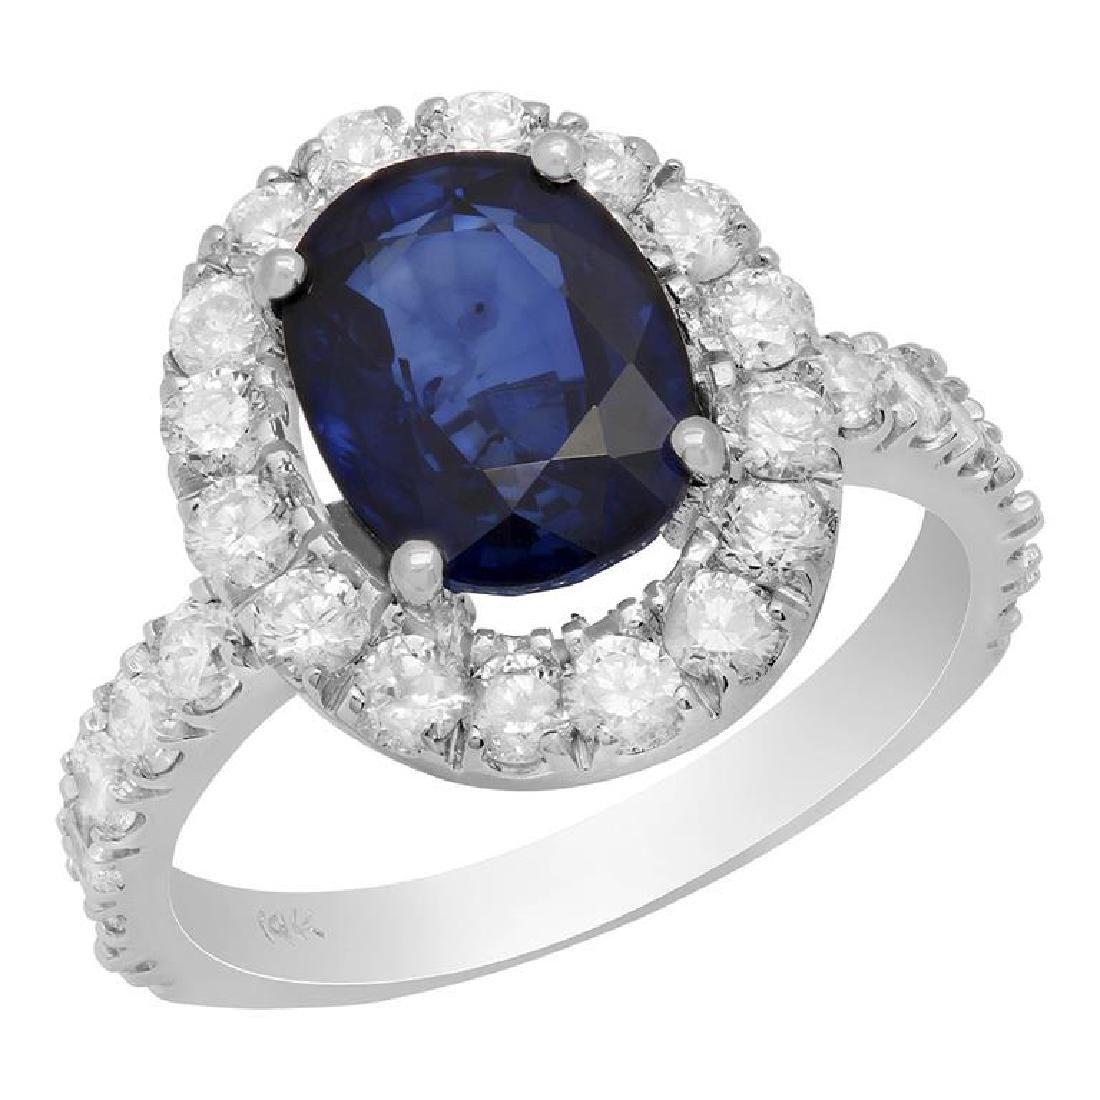 14k White Gold 3.31ct Sapphire 1.45ct Diamond Ring